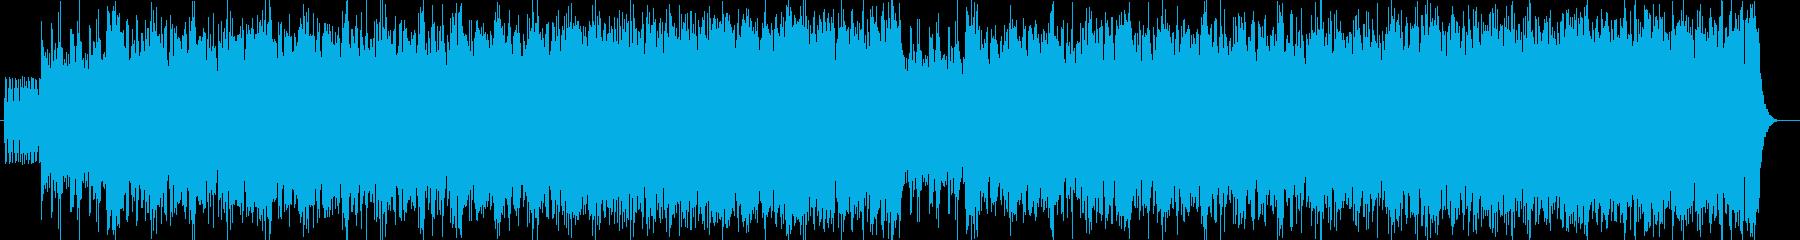 勢いのあるシンセサイザーサウンドの再生済みの波形